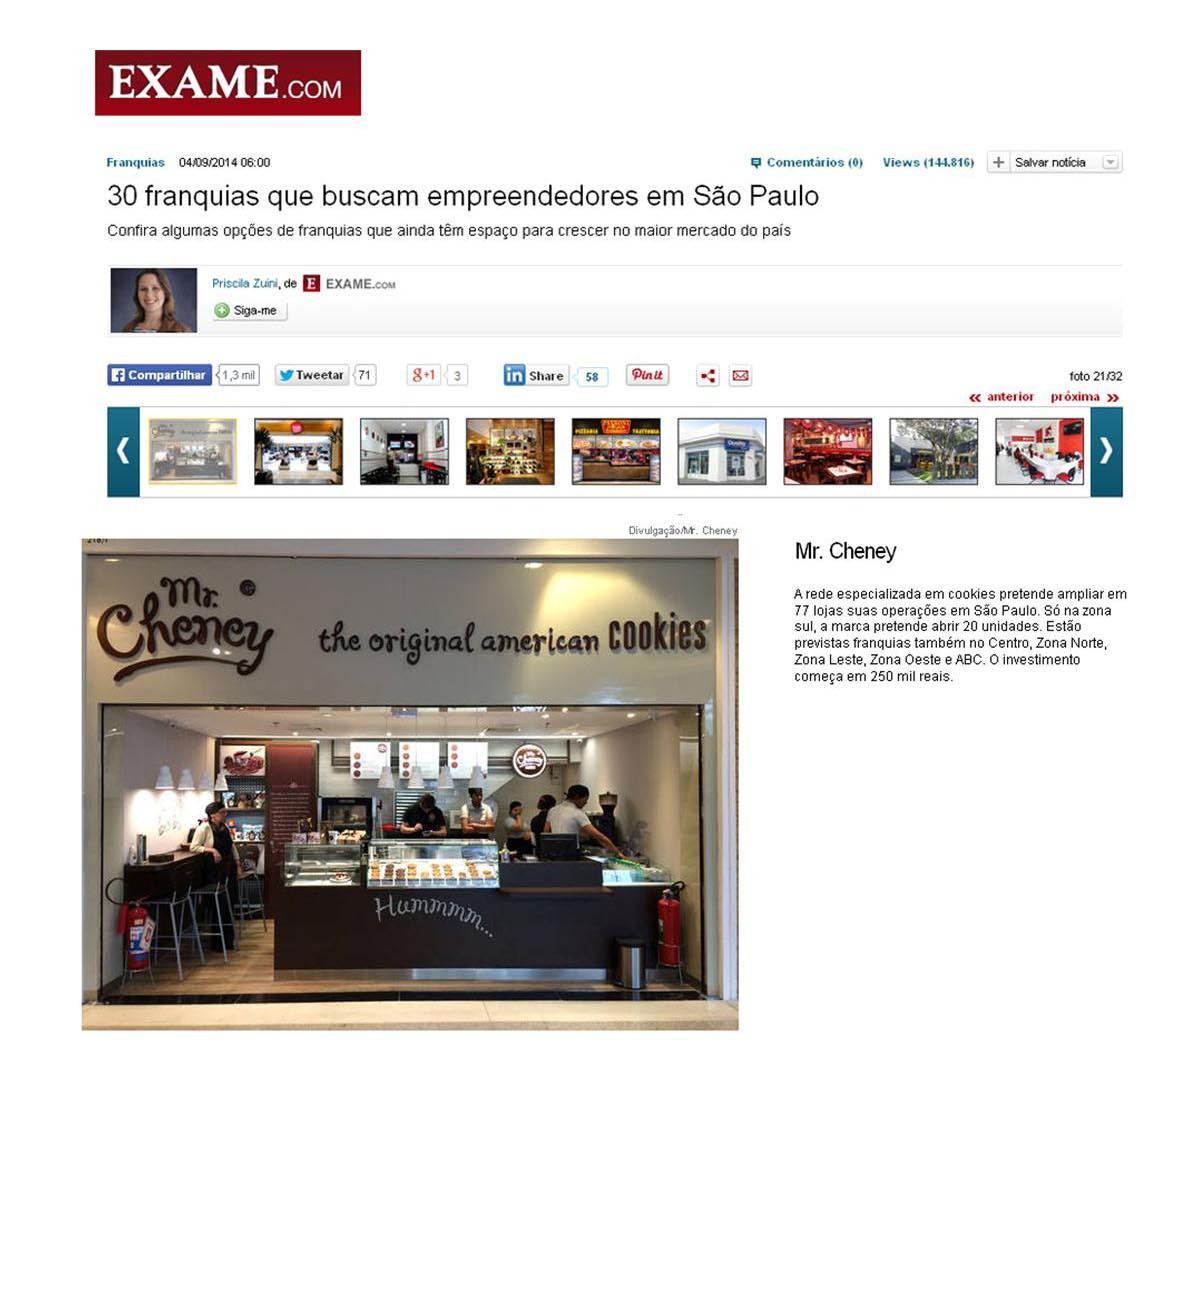 Exame PME 09/2014